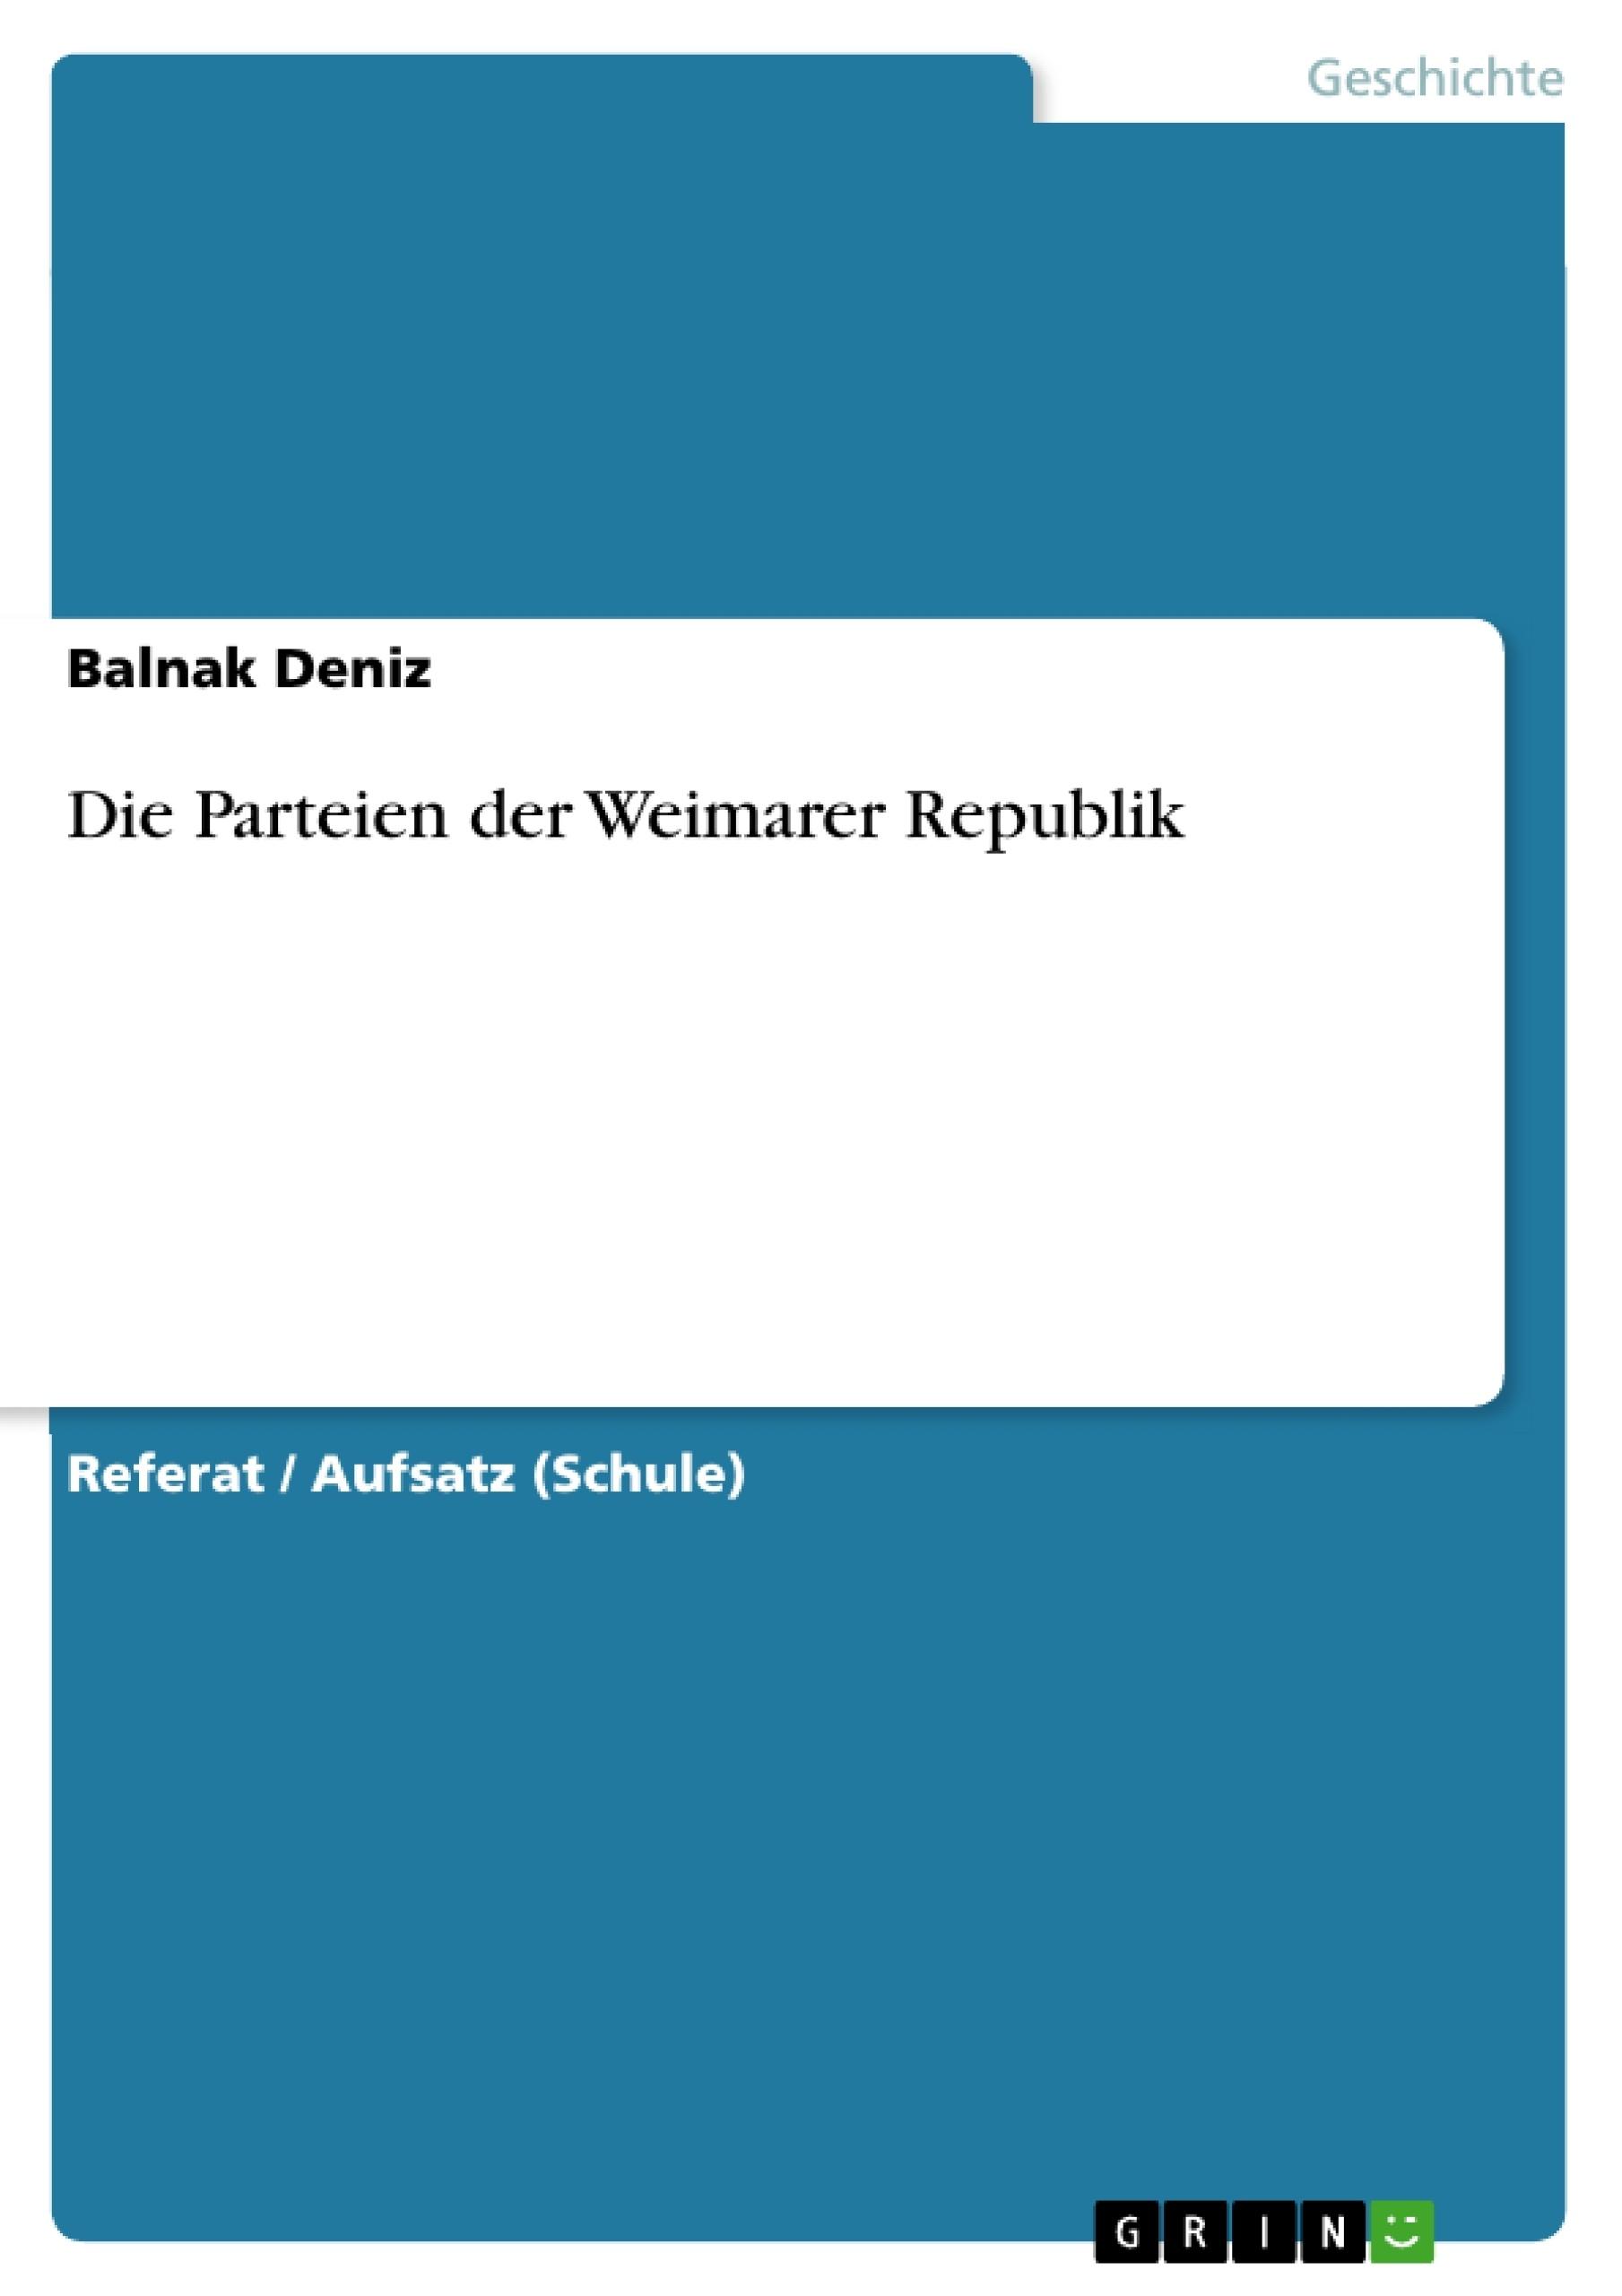 Titel: Die Parteien der Weimarer Republik